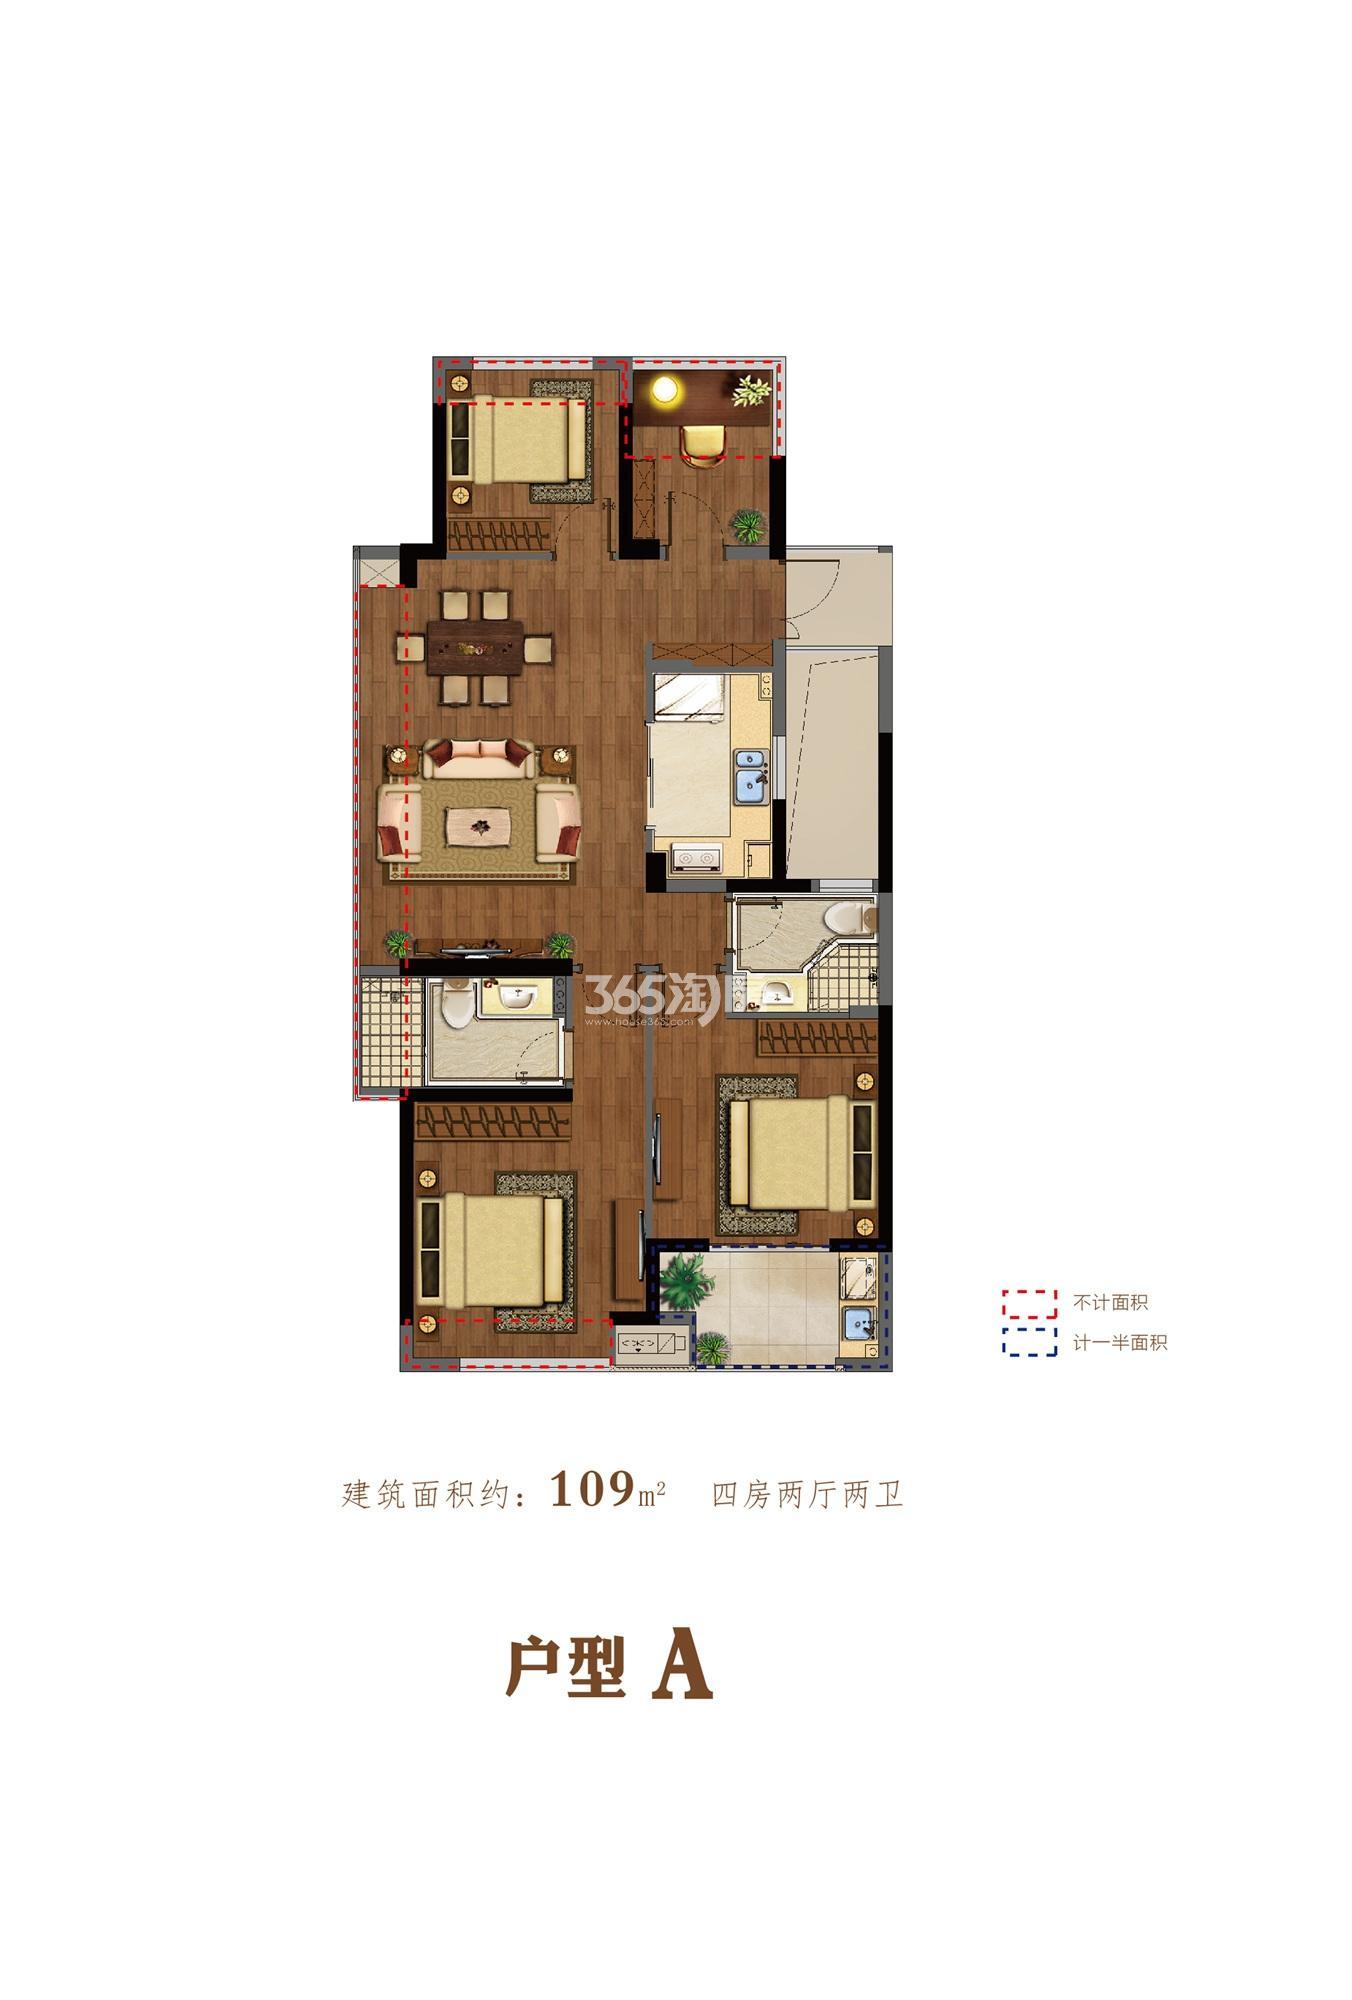 荣安翡翠半岛高层12-16号楼边套A户型 109㎡